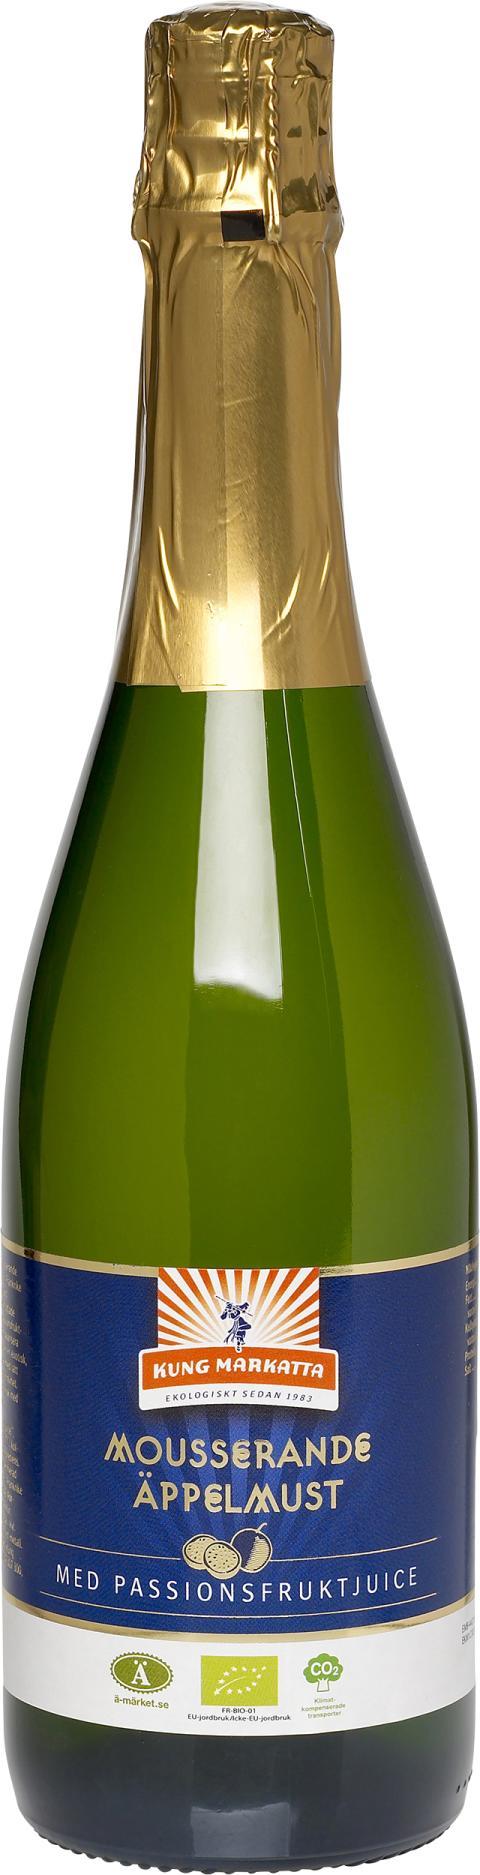 Kung Markatta Mousserande Äppelmust med passionsfruktjuice, 750 ml